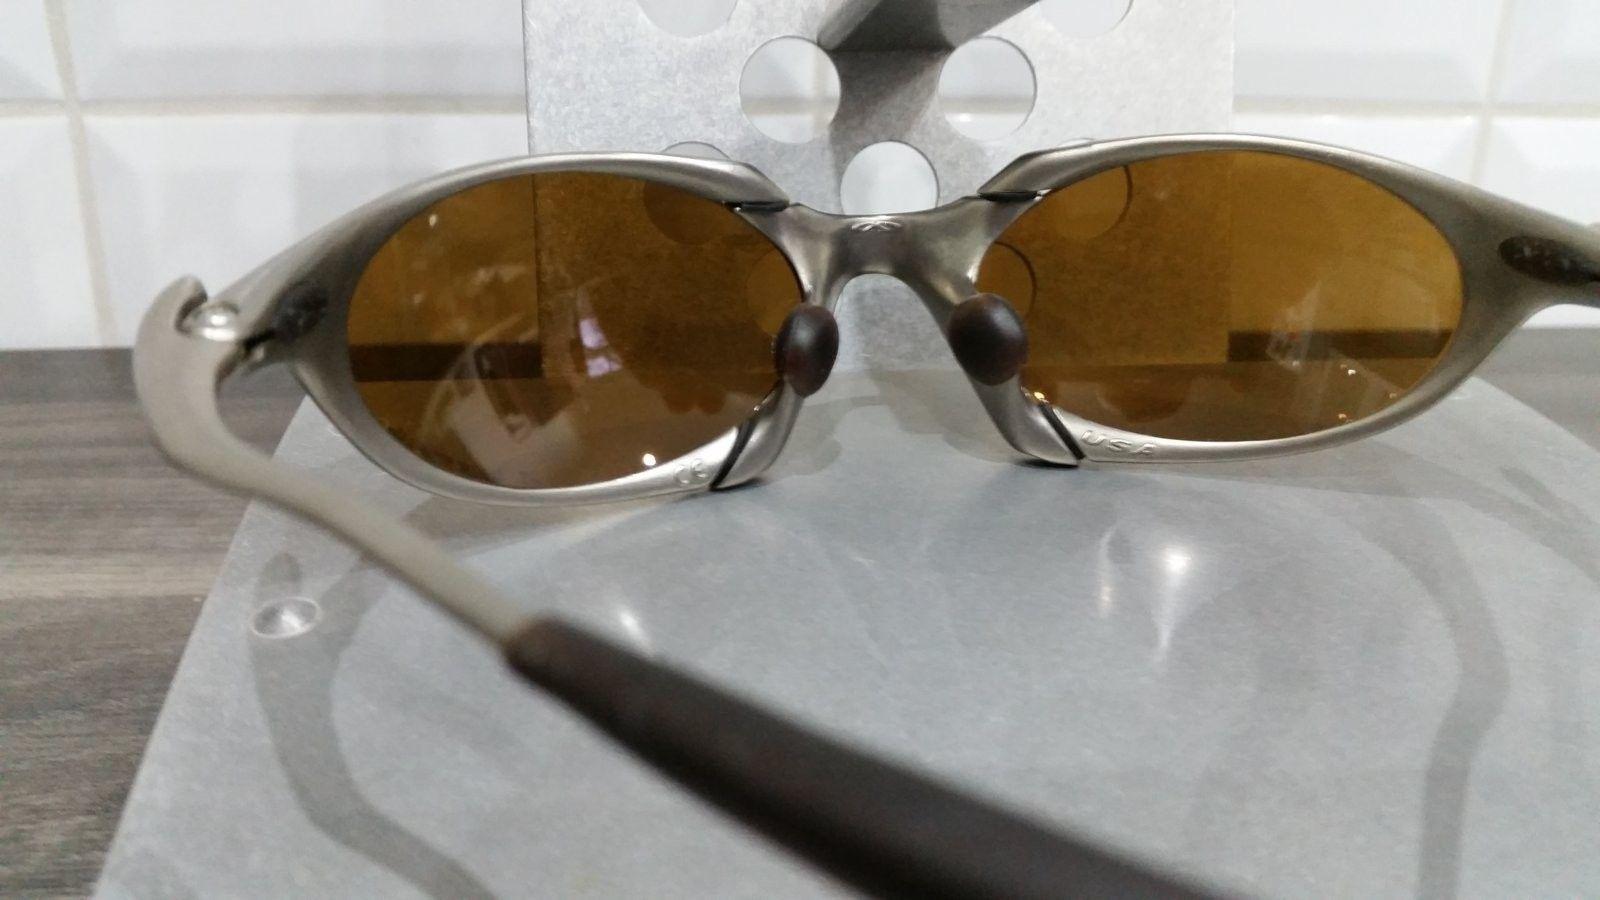 Non serialized Titanium-Gold R1 - 20160130_161325.jpg